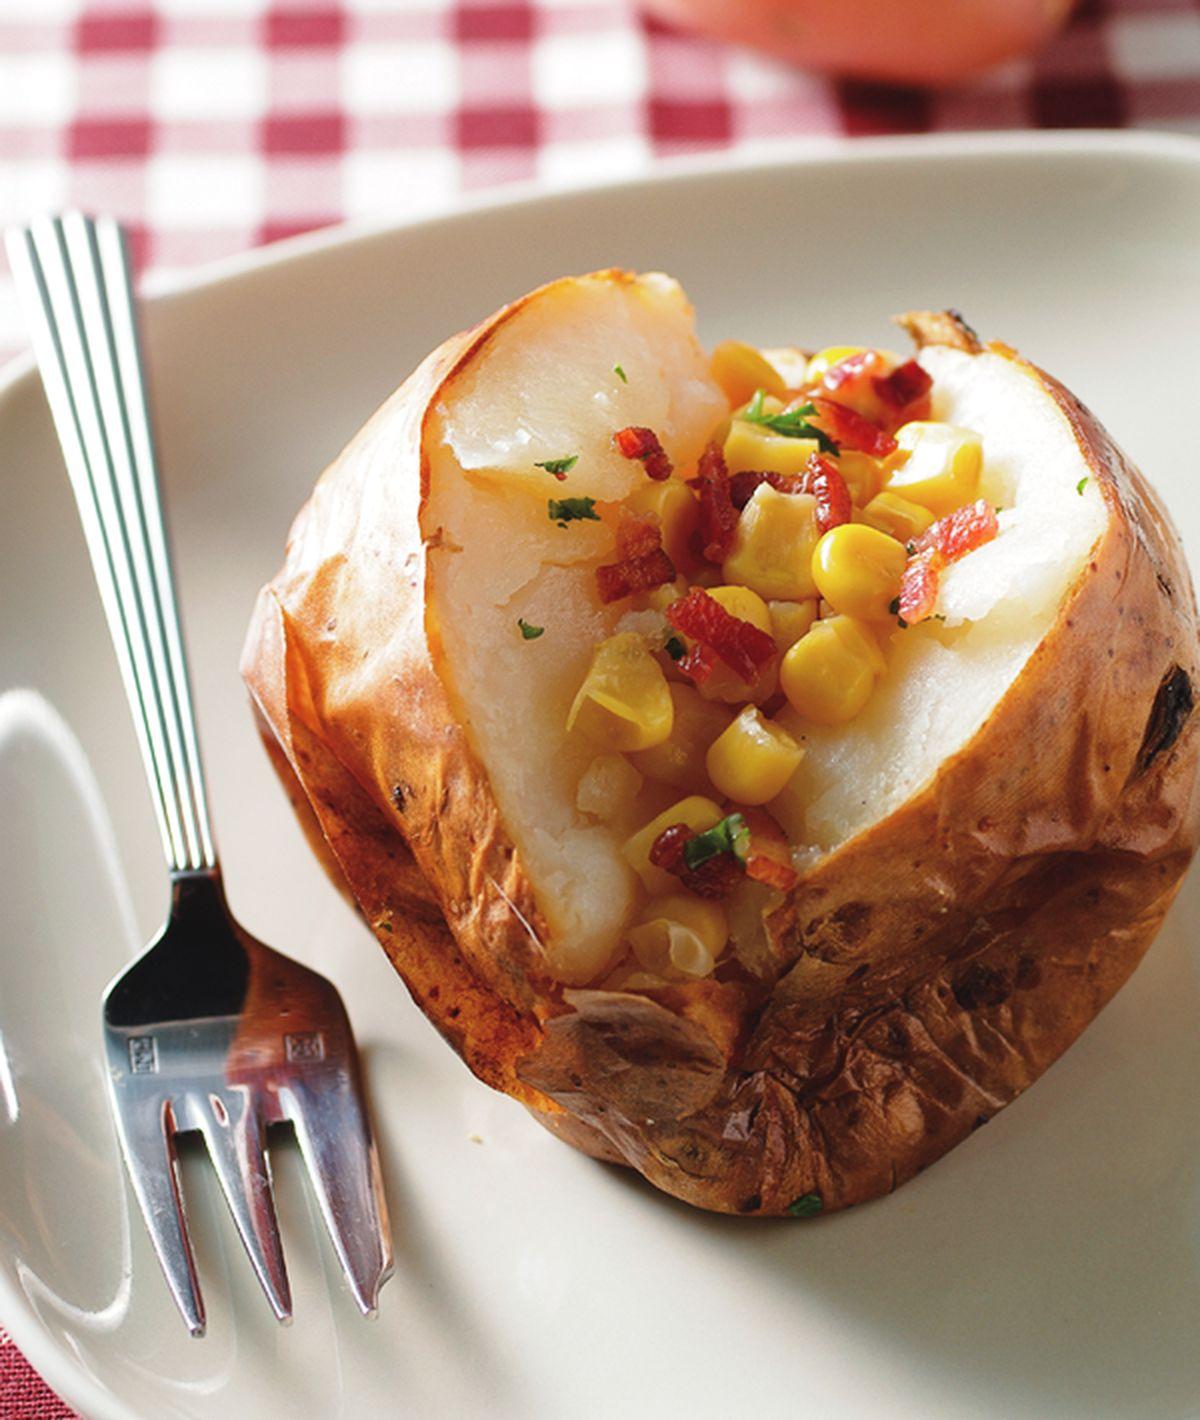 食譜:奶油培根烤馬鈴薯